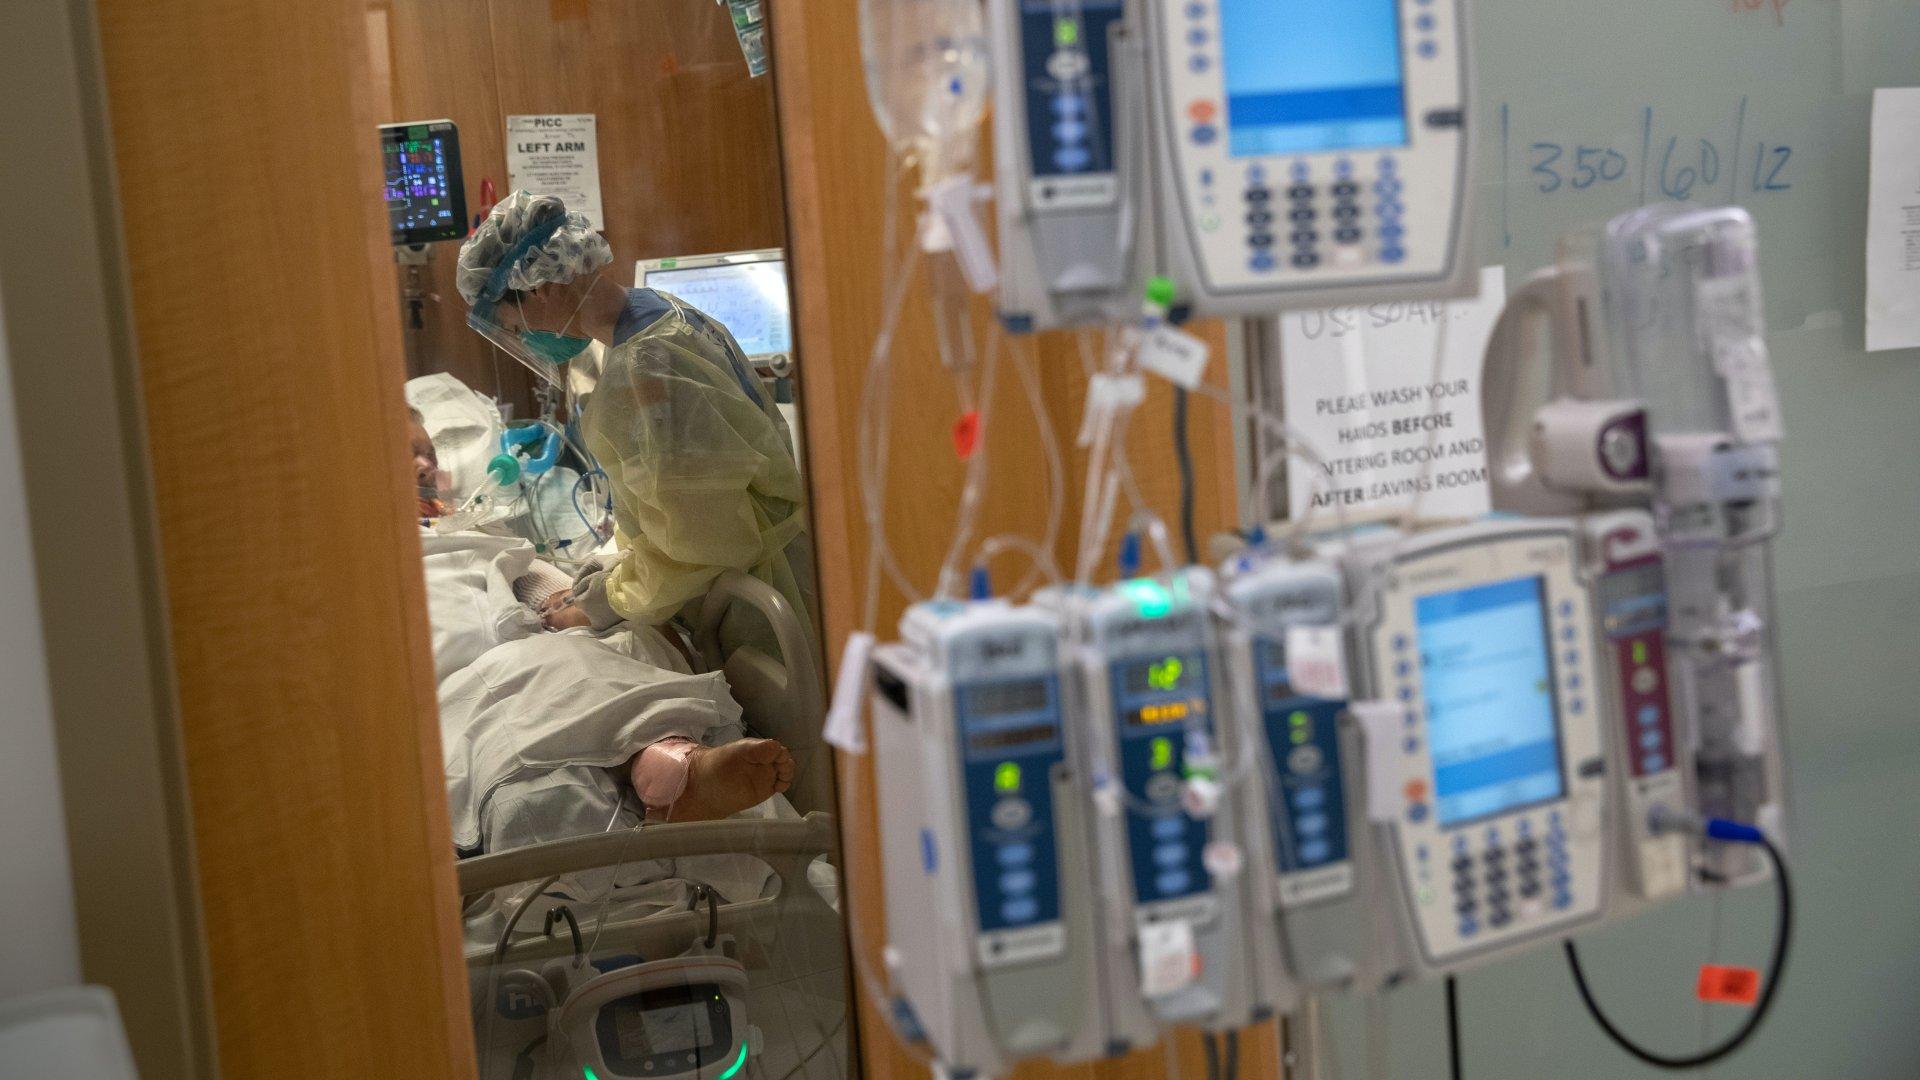 Orvos egy koronavírusos betegnél a kórházban.